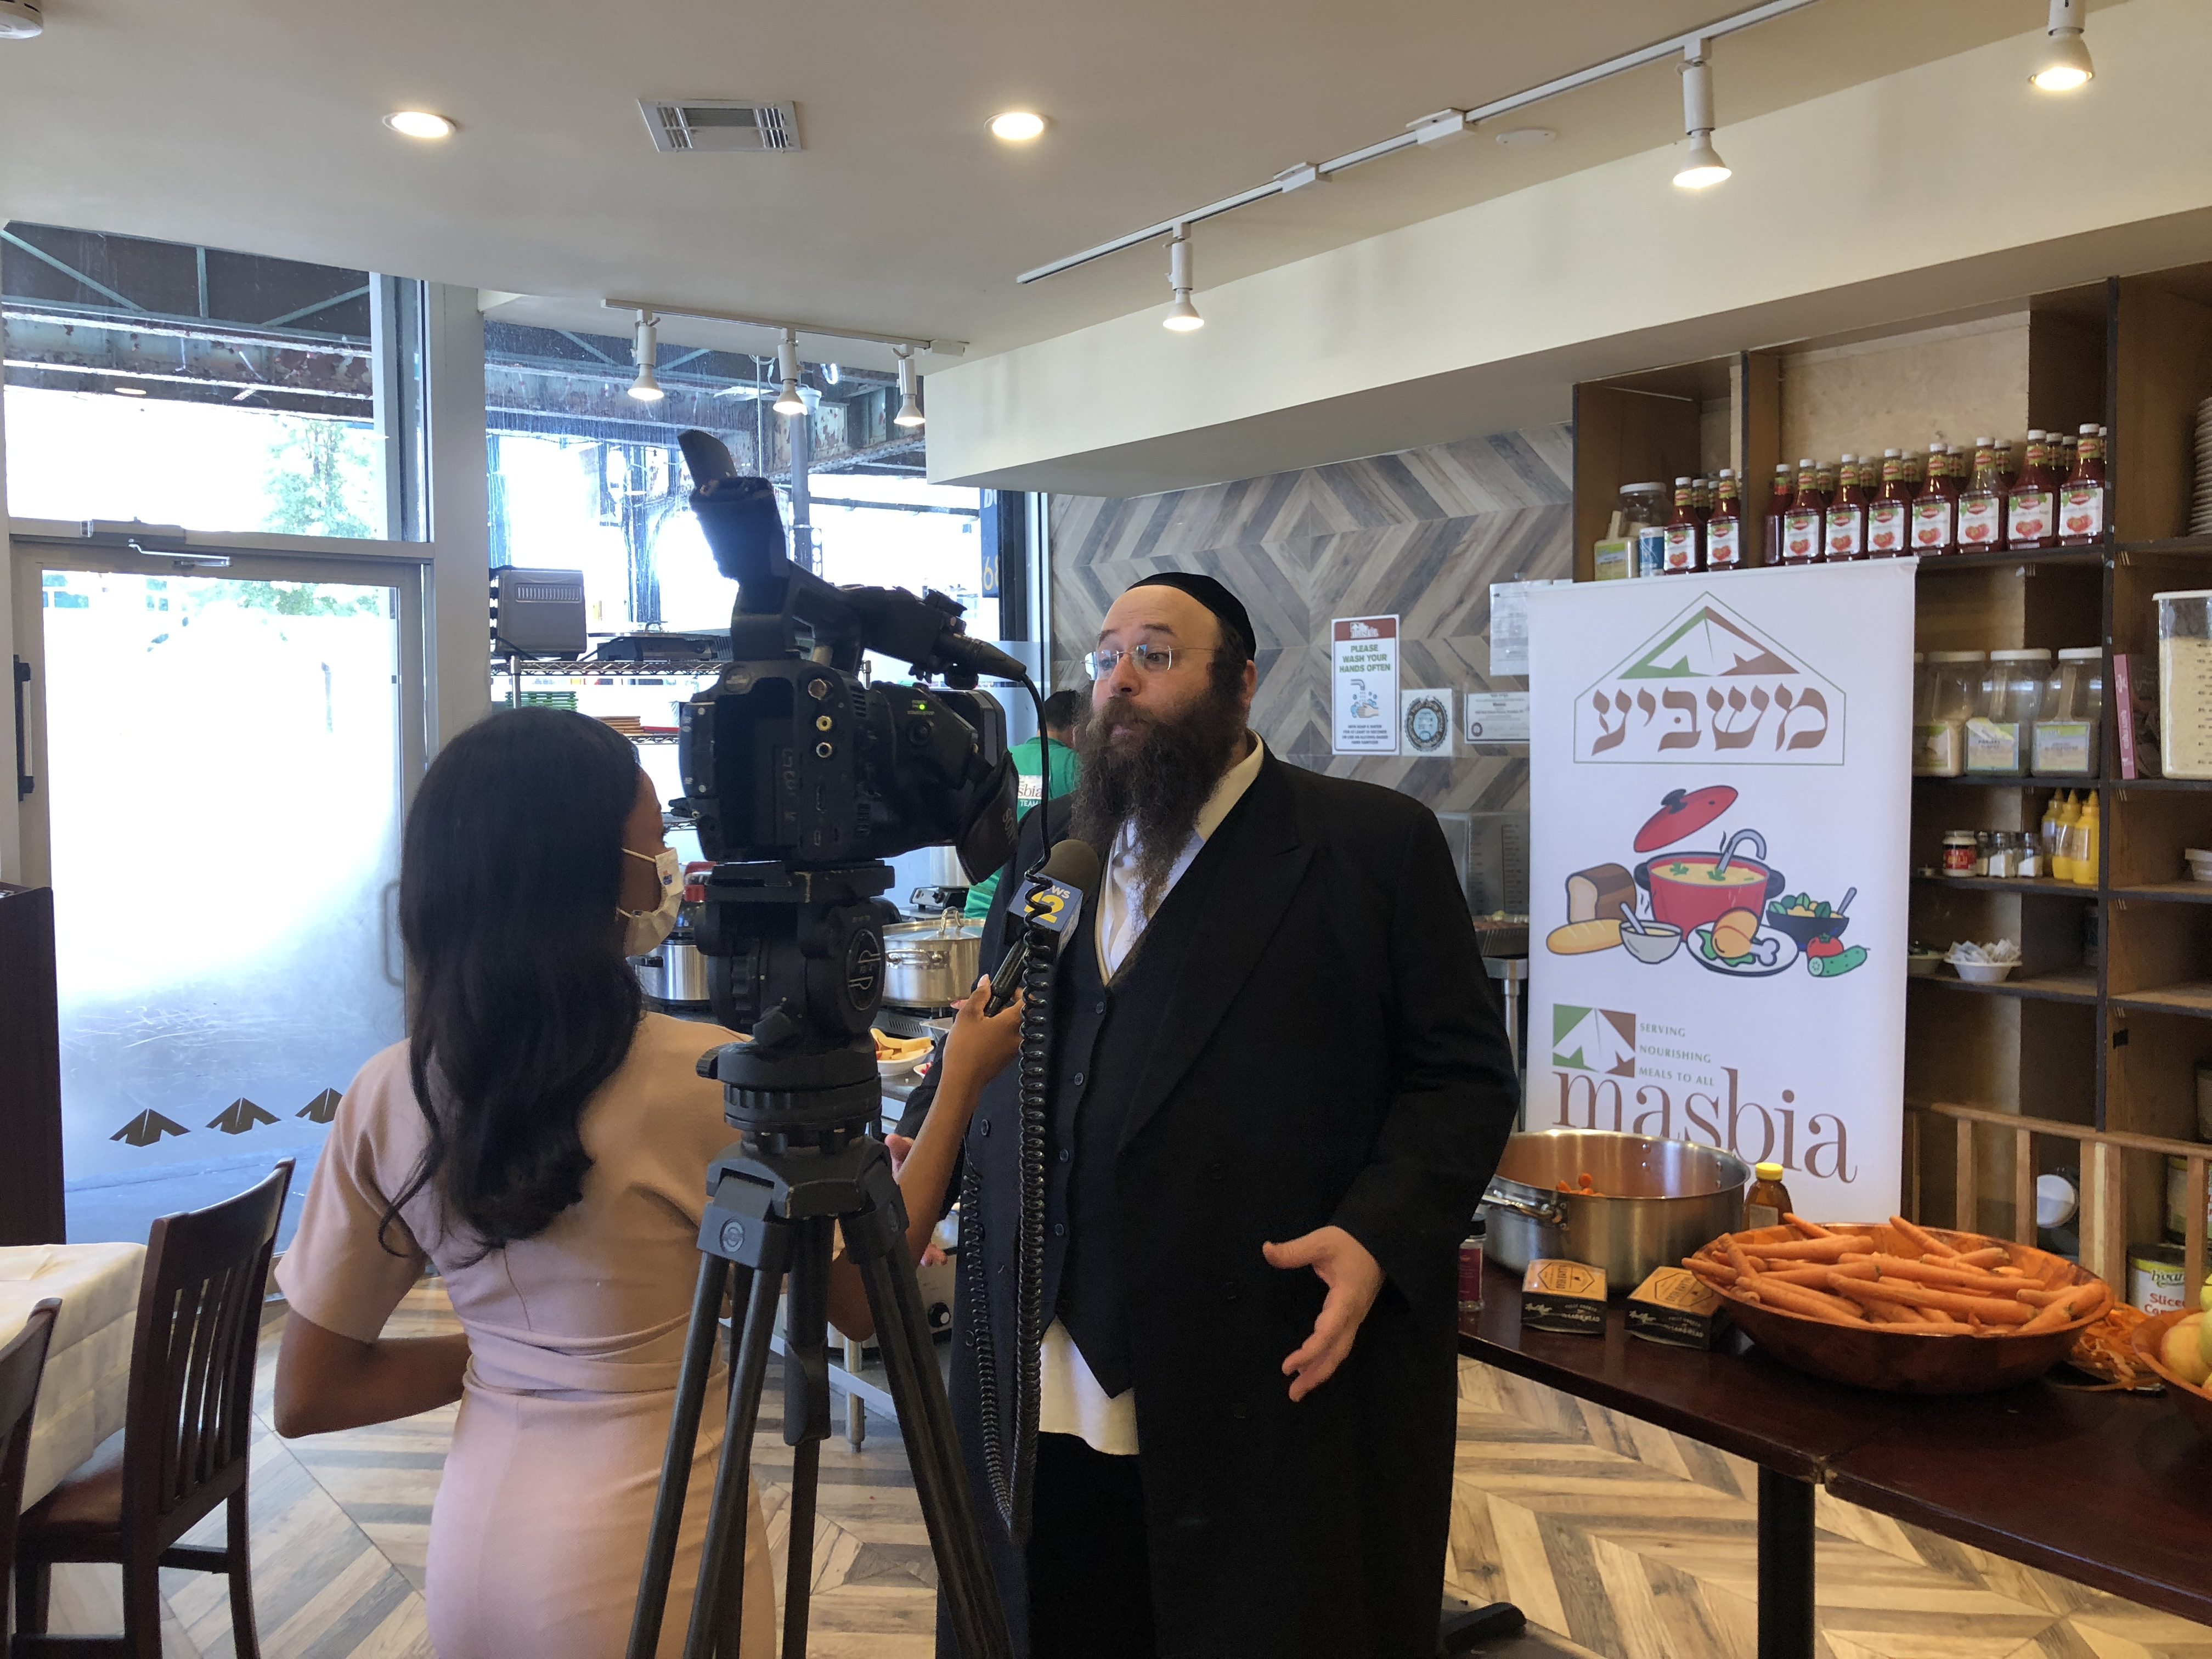 rosh hashana masbia boro park zhane caldwell news12 brooklyn interviewing ED Alexander Rapaport before the beggining of Rosh Hashana